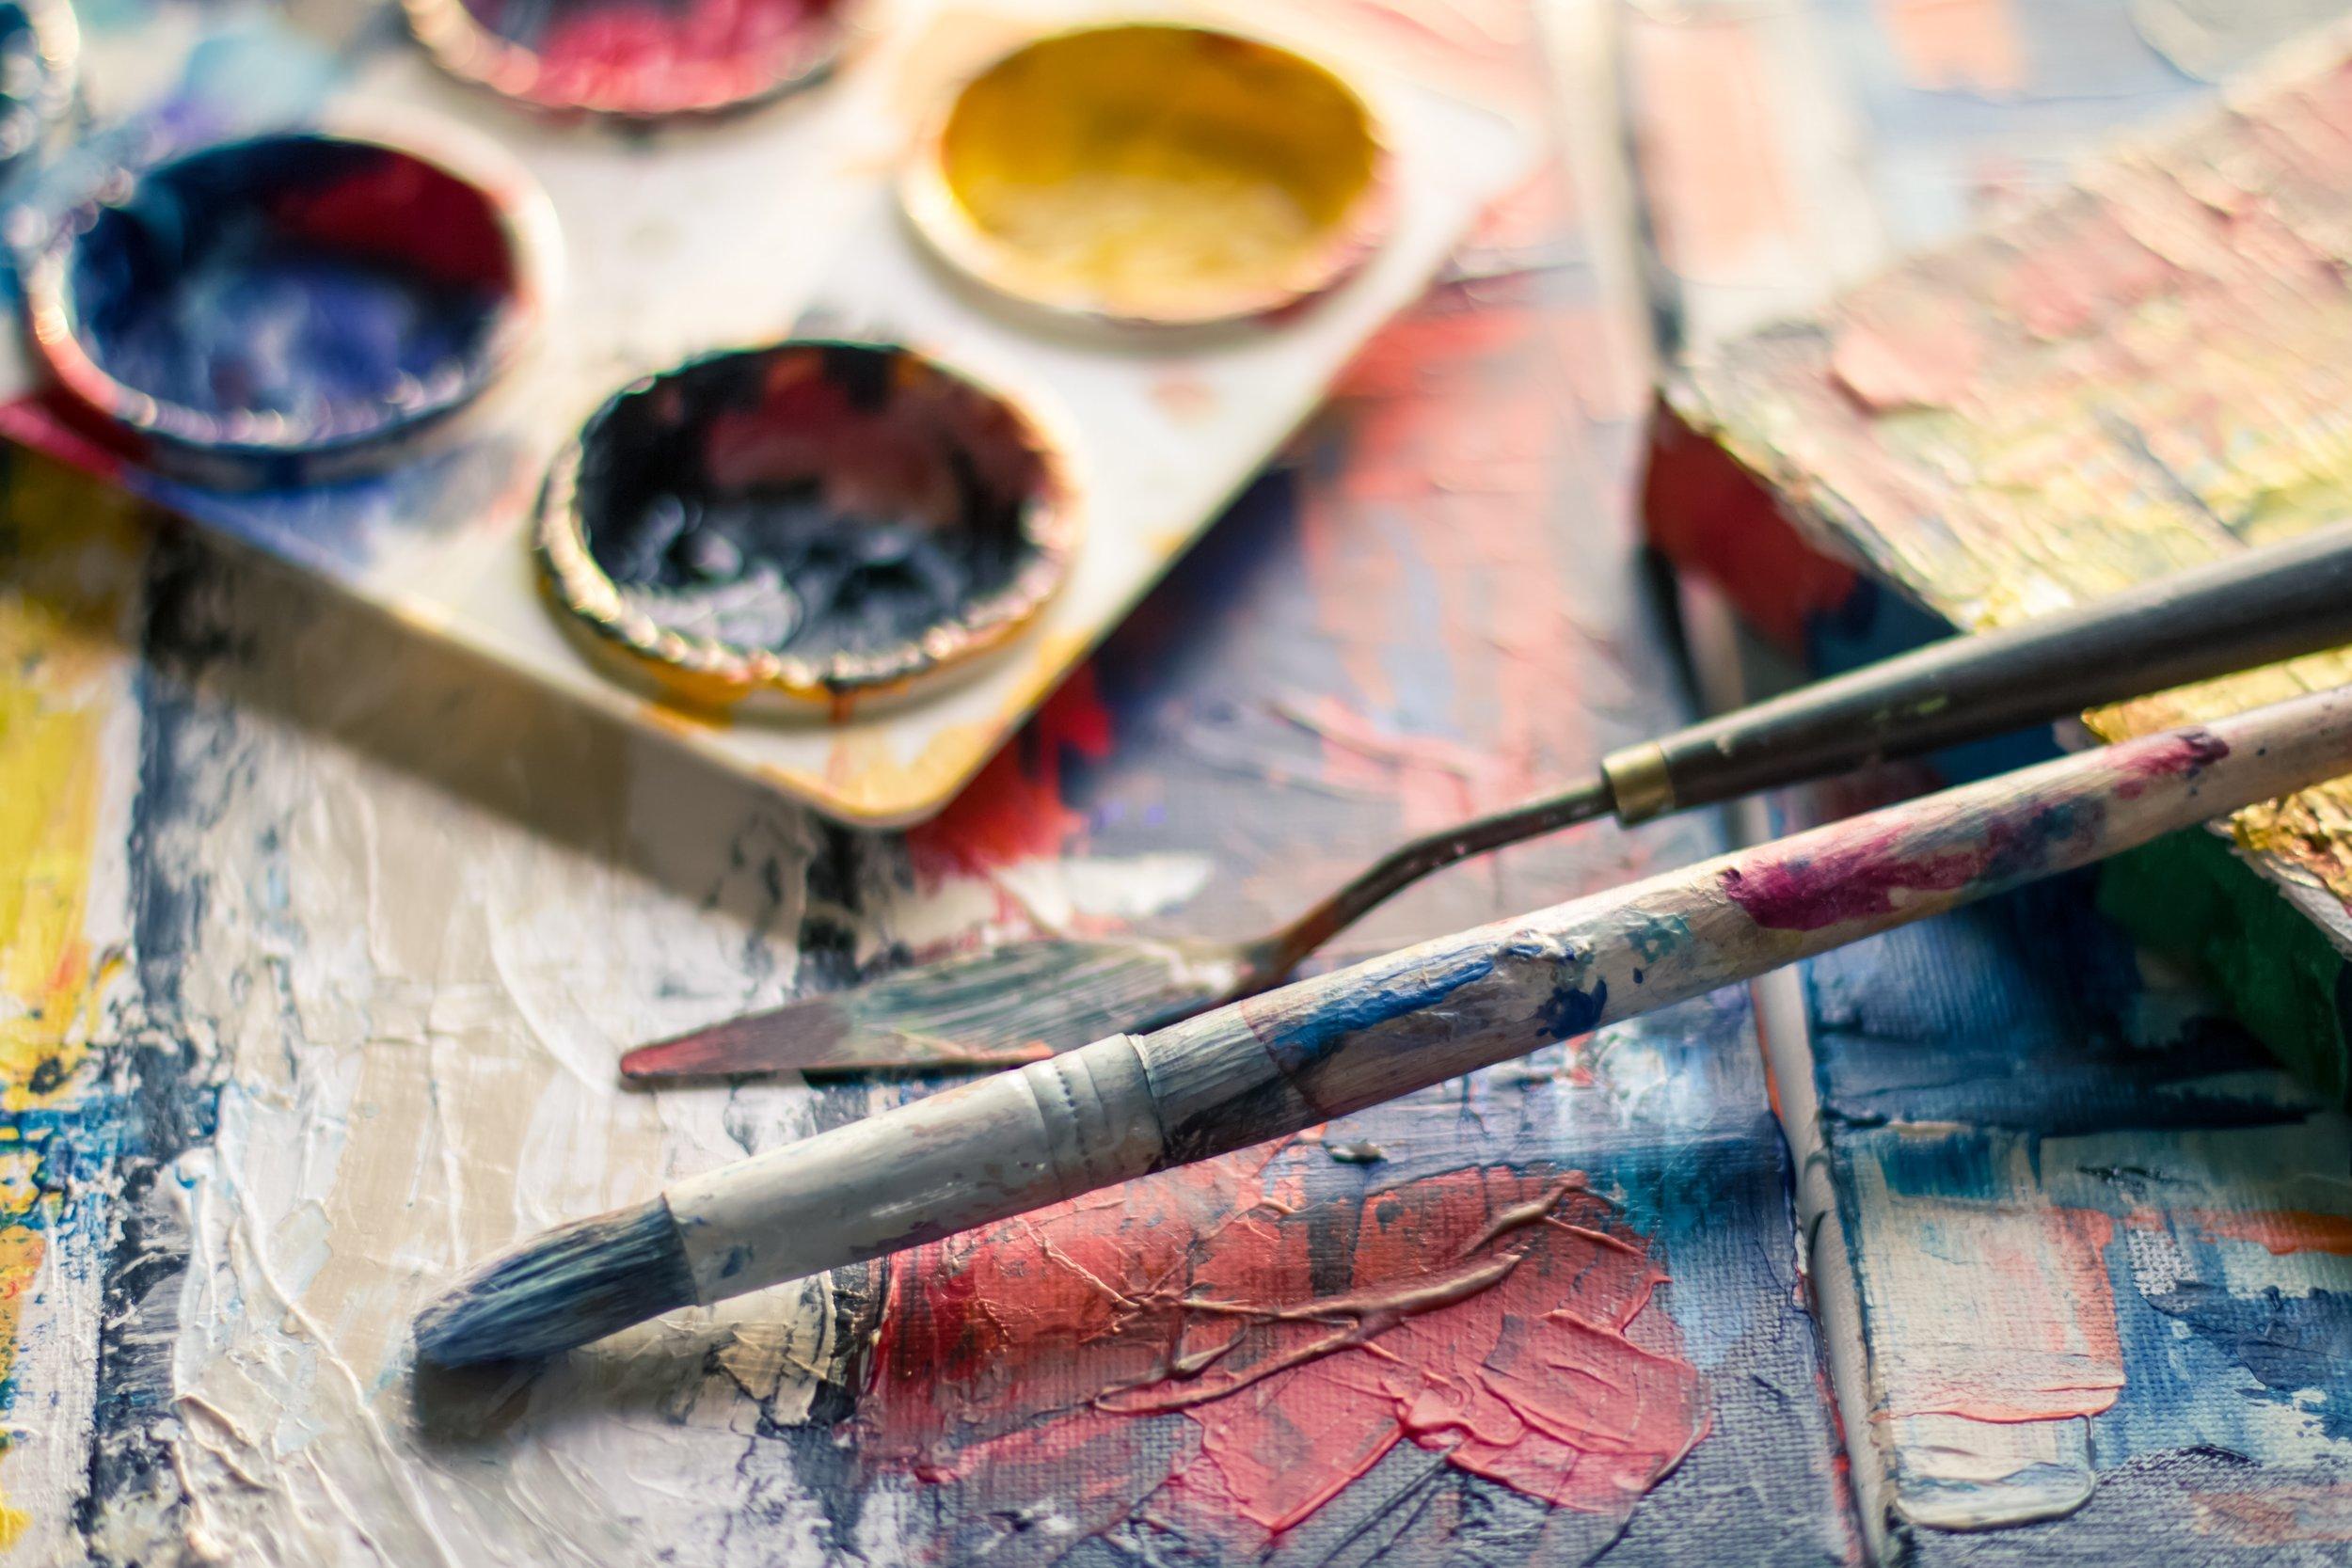 art-art-materials-bright-1047540.jpg